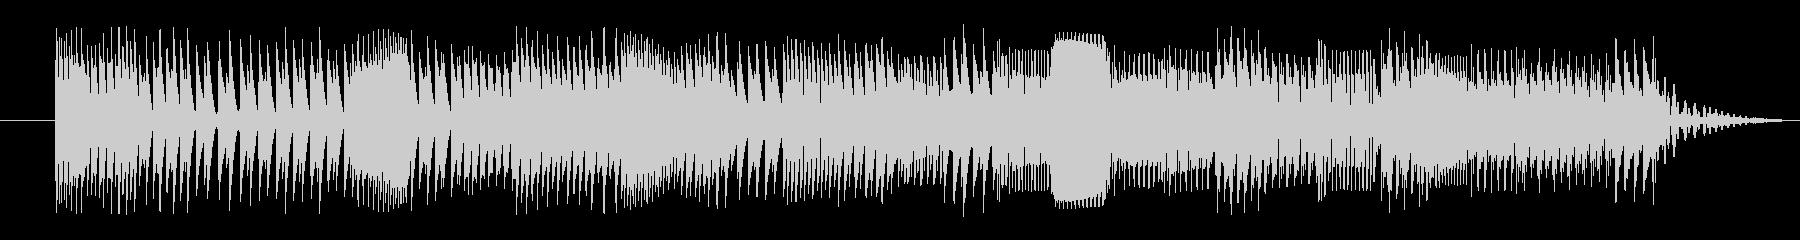 FX クレイジーサイエンティスト04の未再生の波形